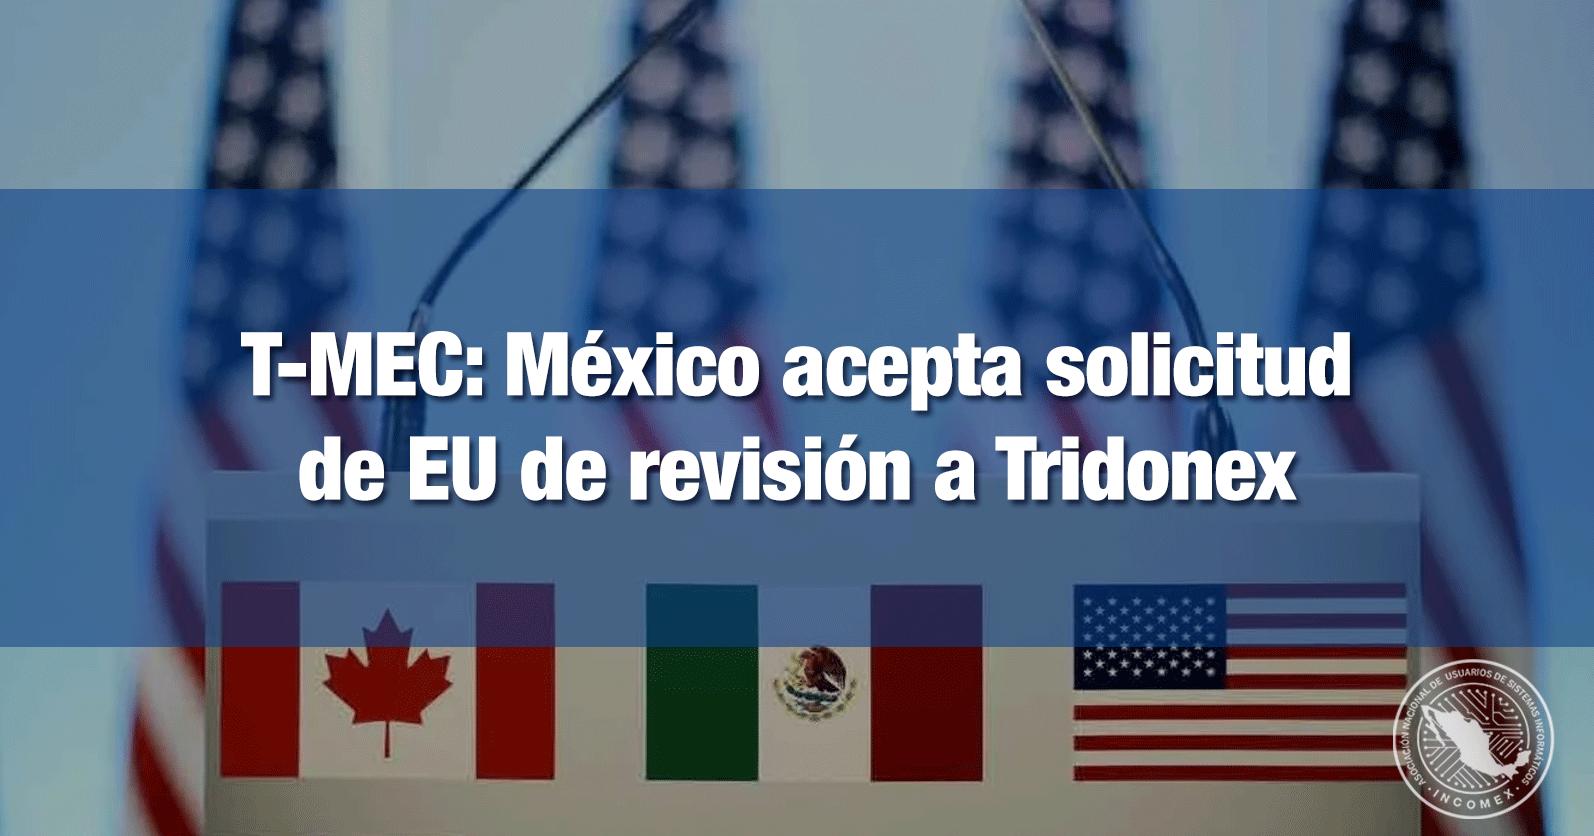 T-MEC: México acepta solicitud de EU de revisión a Tridonex